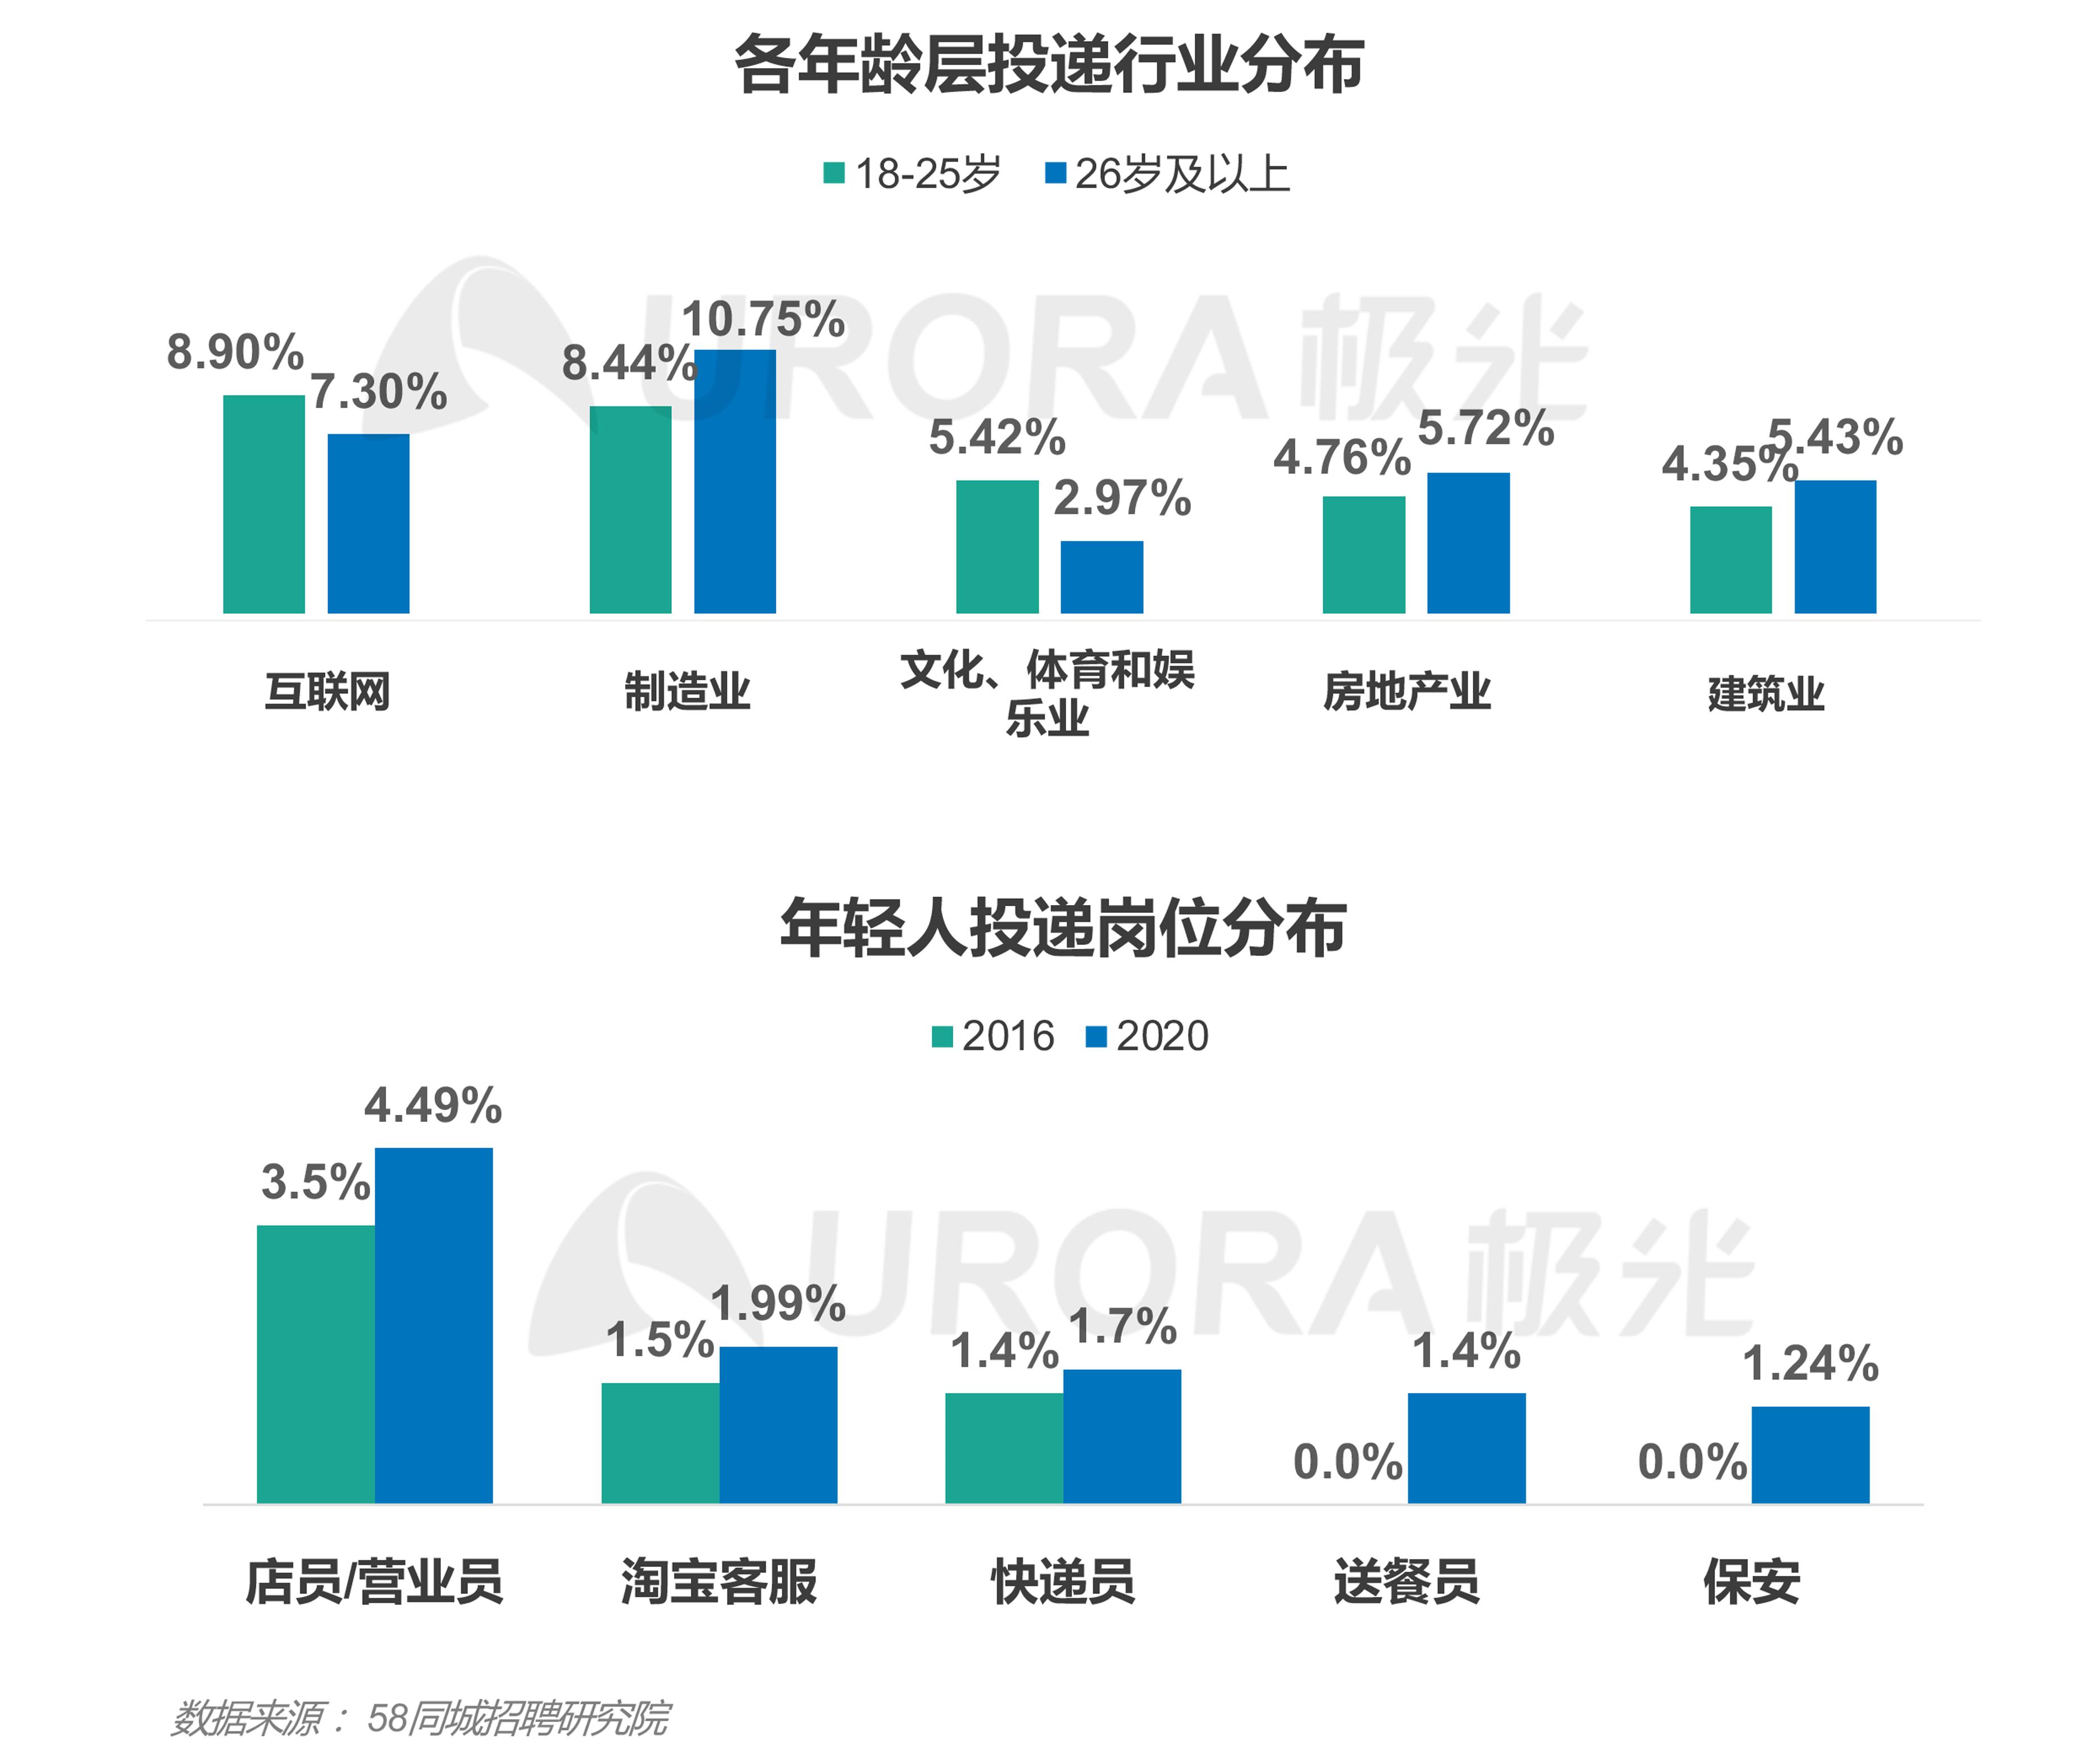 """""""超职季""""招聘行业报告-汇总版 (22).png"""